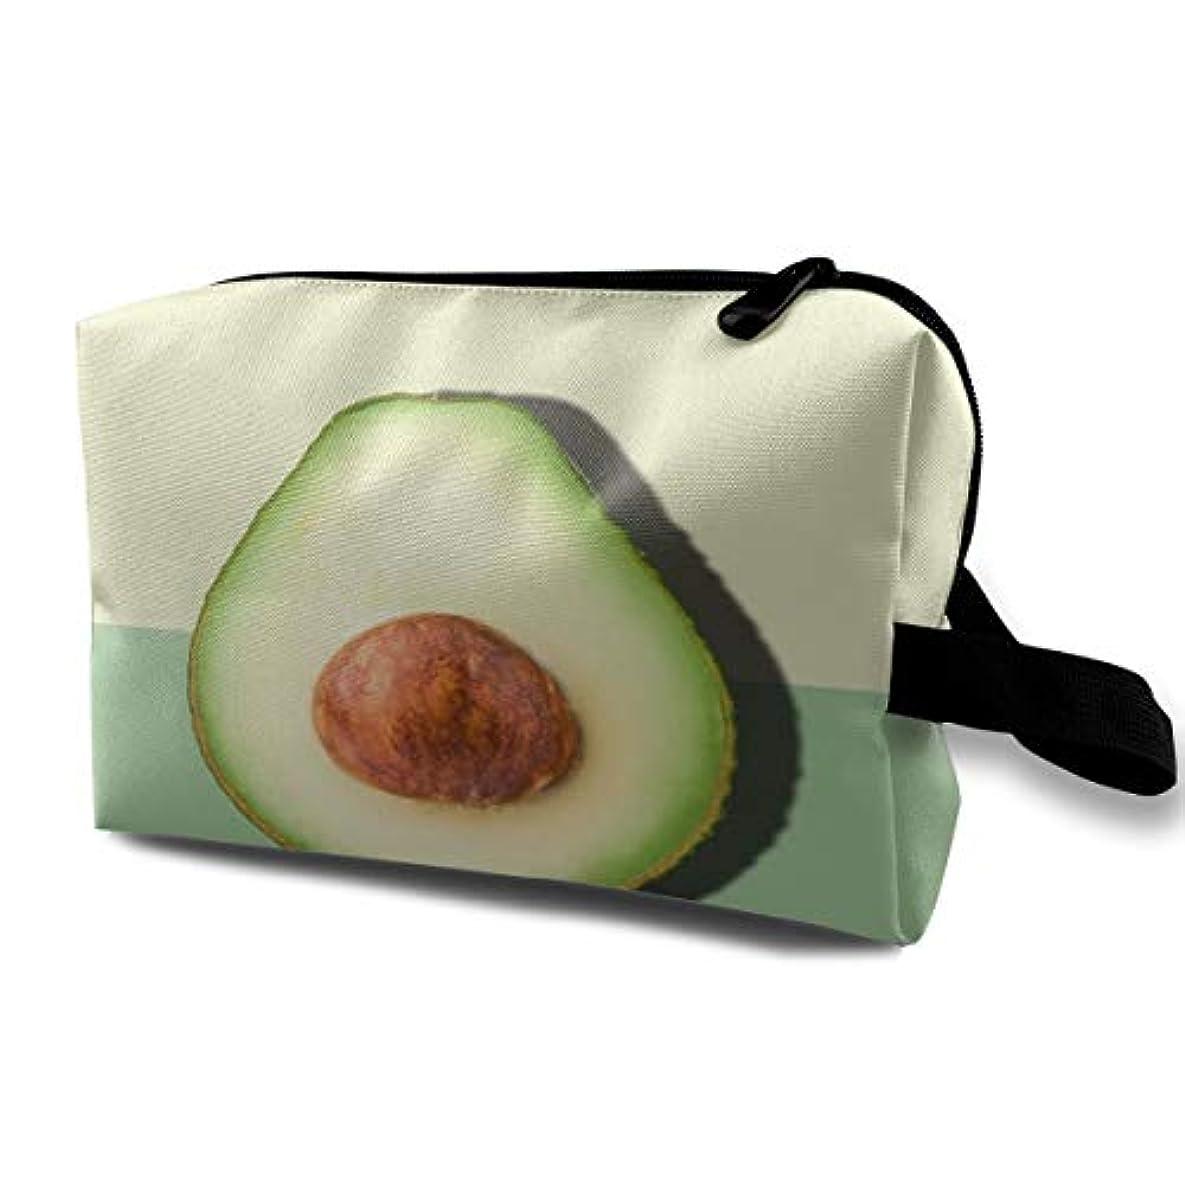 同化同一の移住するAvocado Half Slice Tropical Fruit 収納ポーチ 化粧ポーチ 大容量 軽量 耐久性 ハンドル付持ち運び便利。入れ 自宅?出張?旅行?アウトドア撮影などに対応。メンズ レディース トラベルグッズ